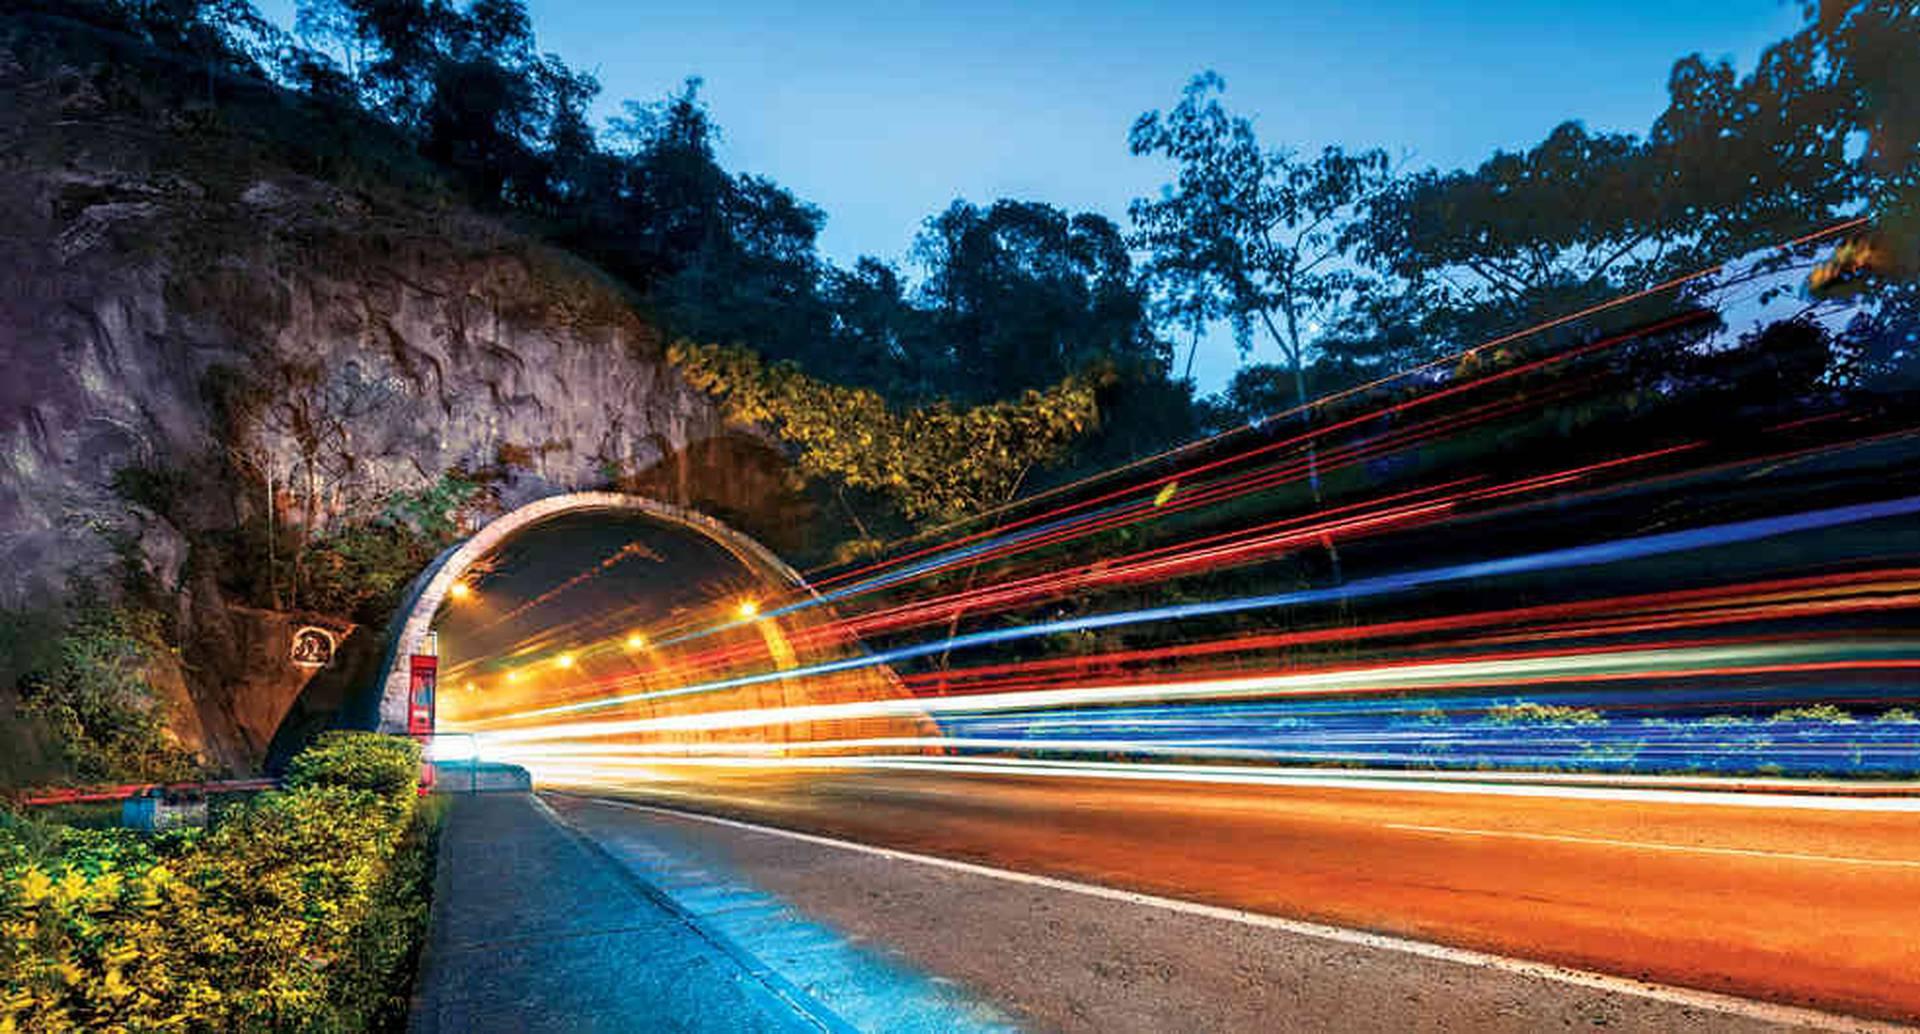 Túnel de Sumapaz, ubicado en la doble calzada de la autopista Bogotá-Girardot, moviliza cerca de 8.500 vehículos diarios.